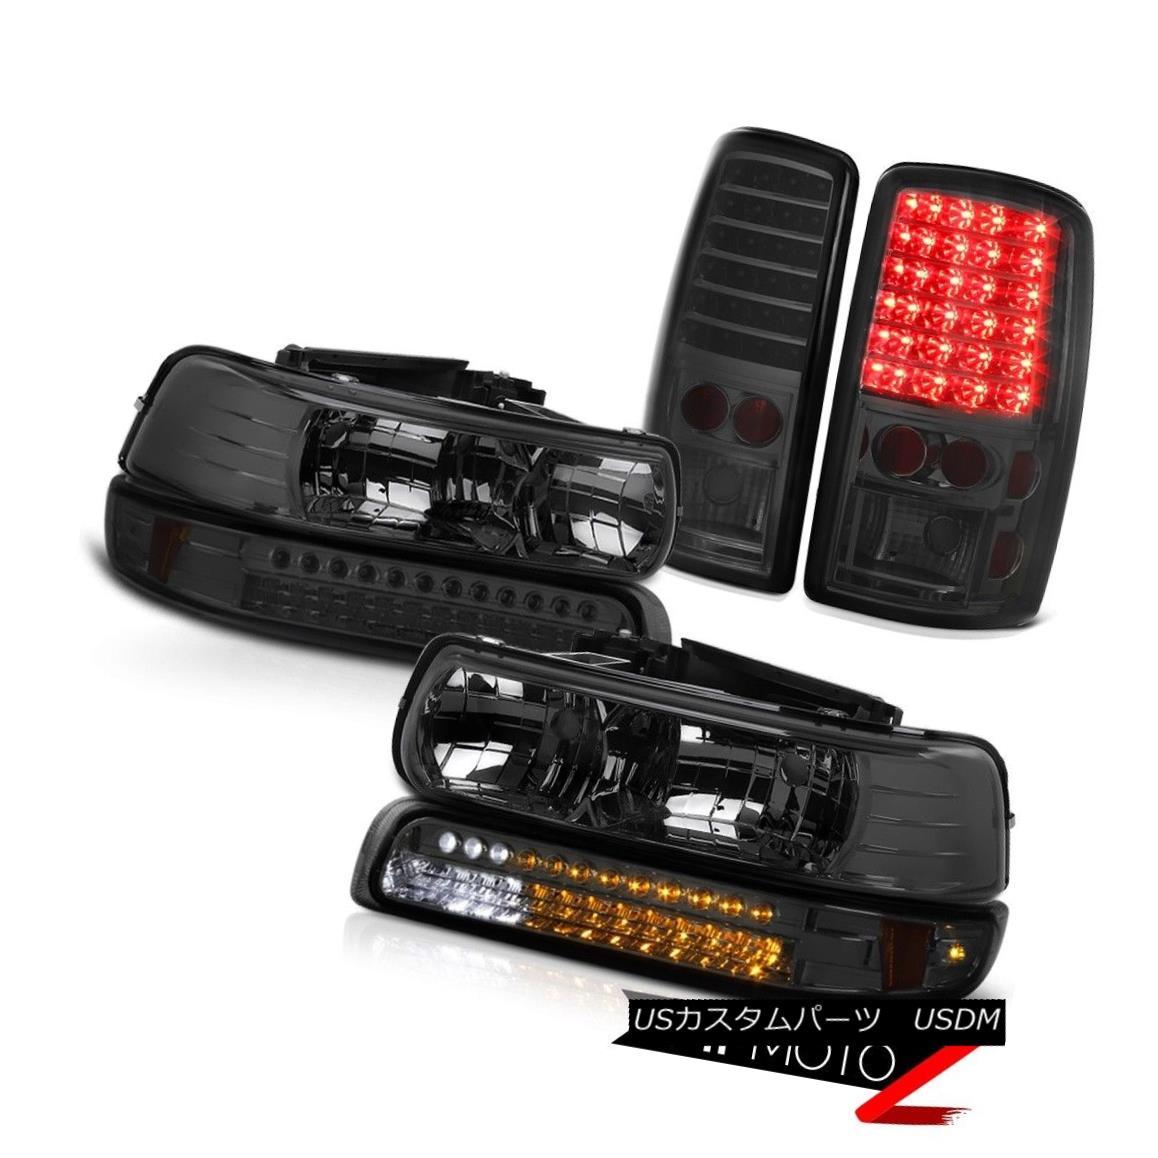 ヘッドライト 00 01 02 03 04 05 06 Chevy Suburban PAIR Smoke Headlights LED Turn Tail Lights 00 01 02 03 04 05 06シボレー郊外PAIRスモークヘッドライトLEDターンテールライト